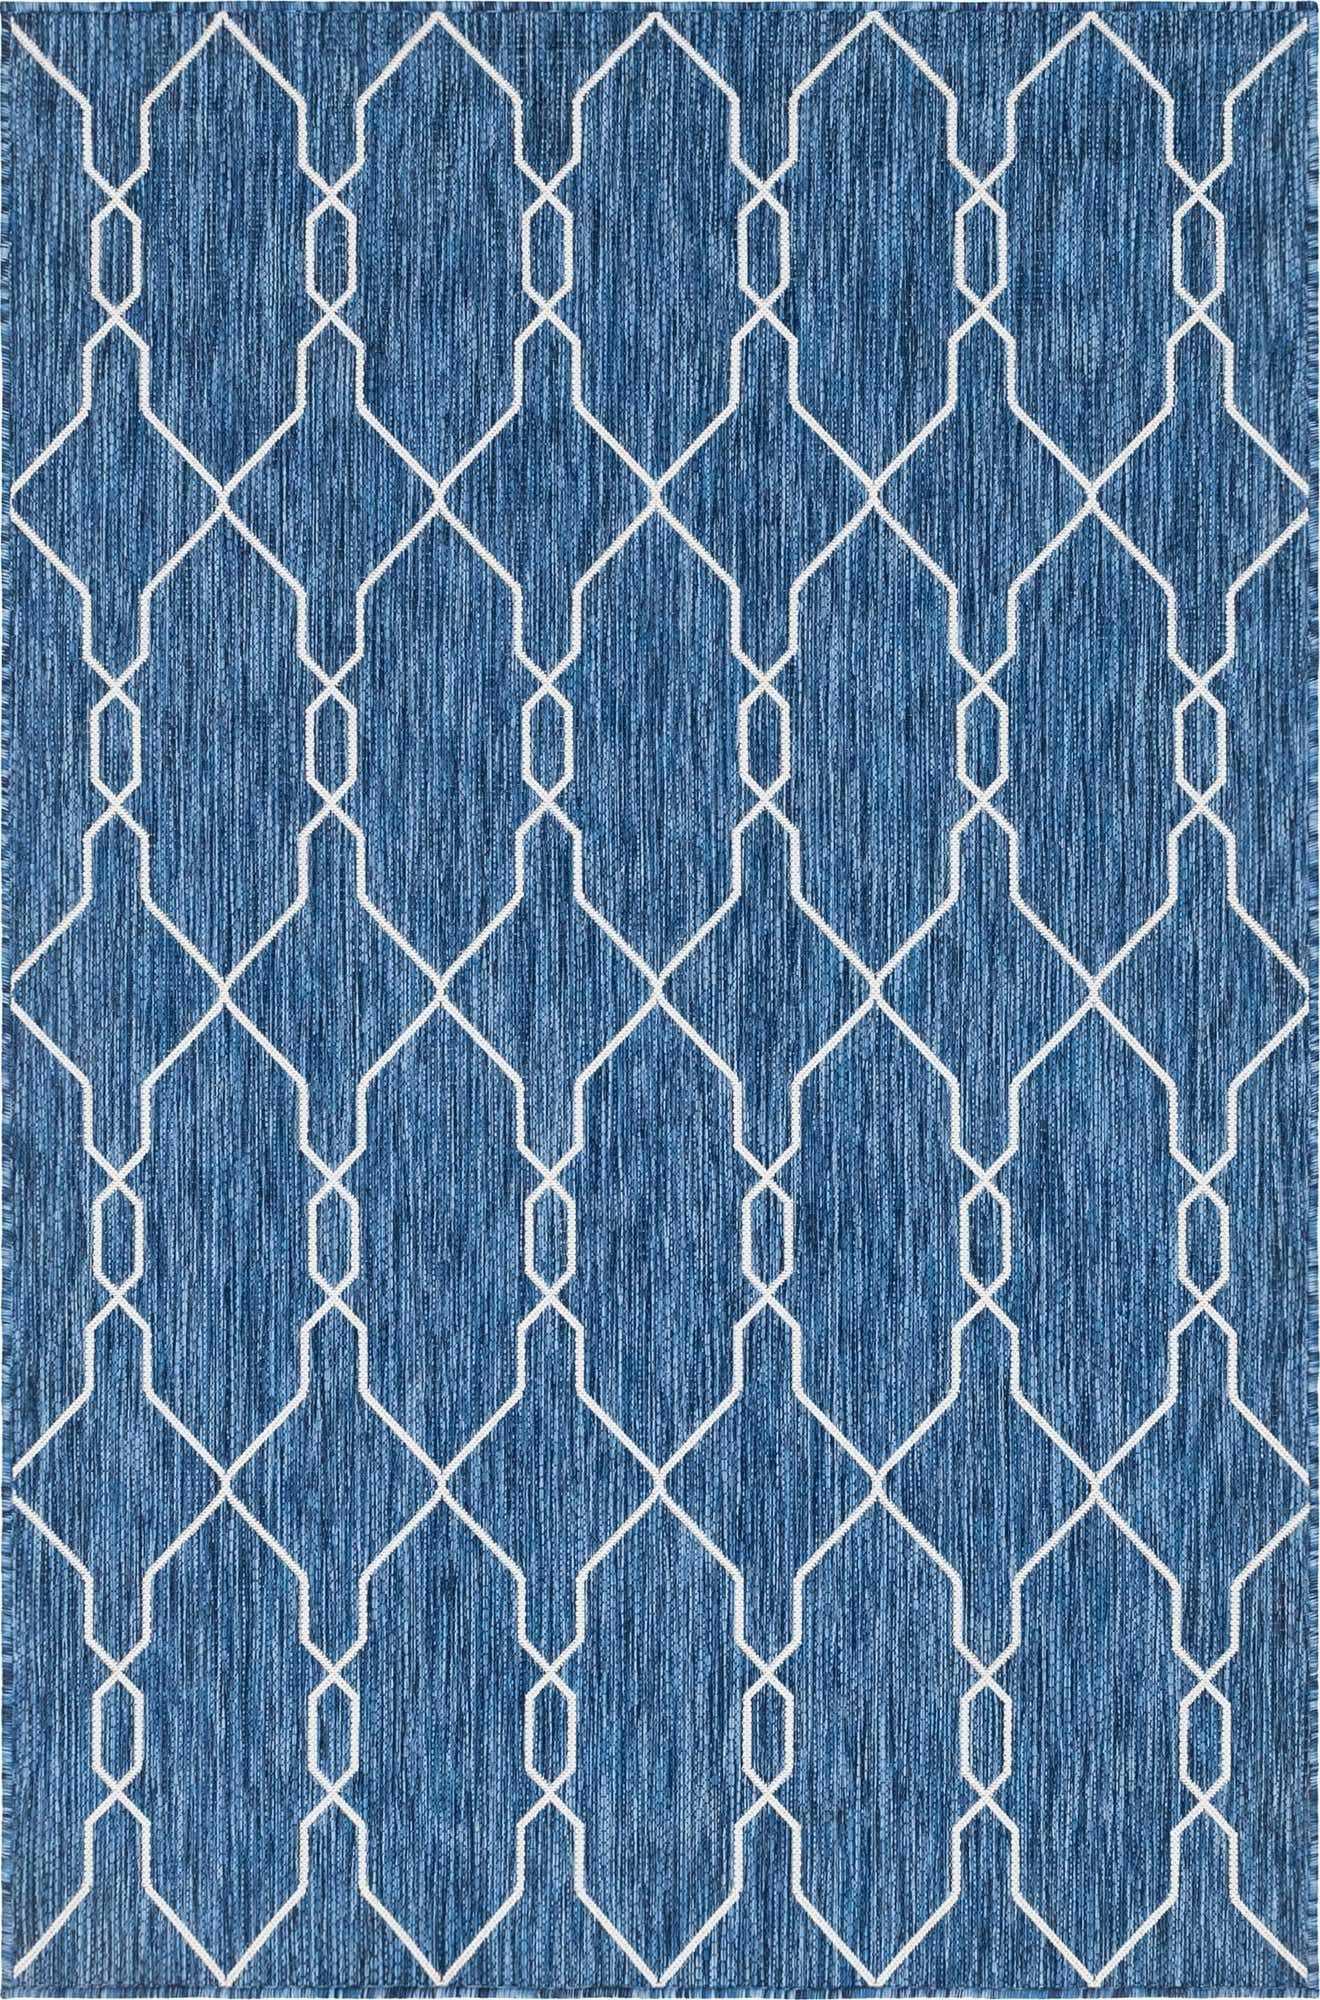 tapis scandinave exterieur moa nazar bleu